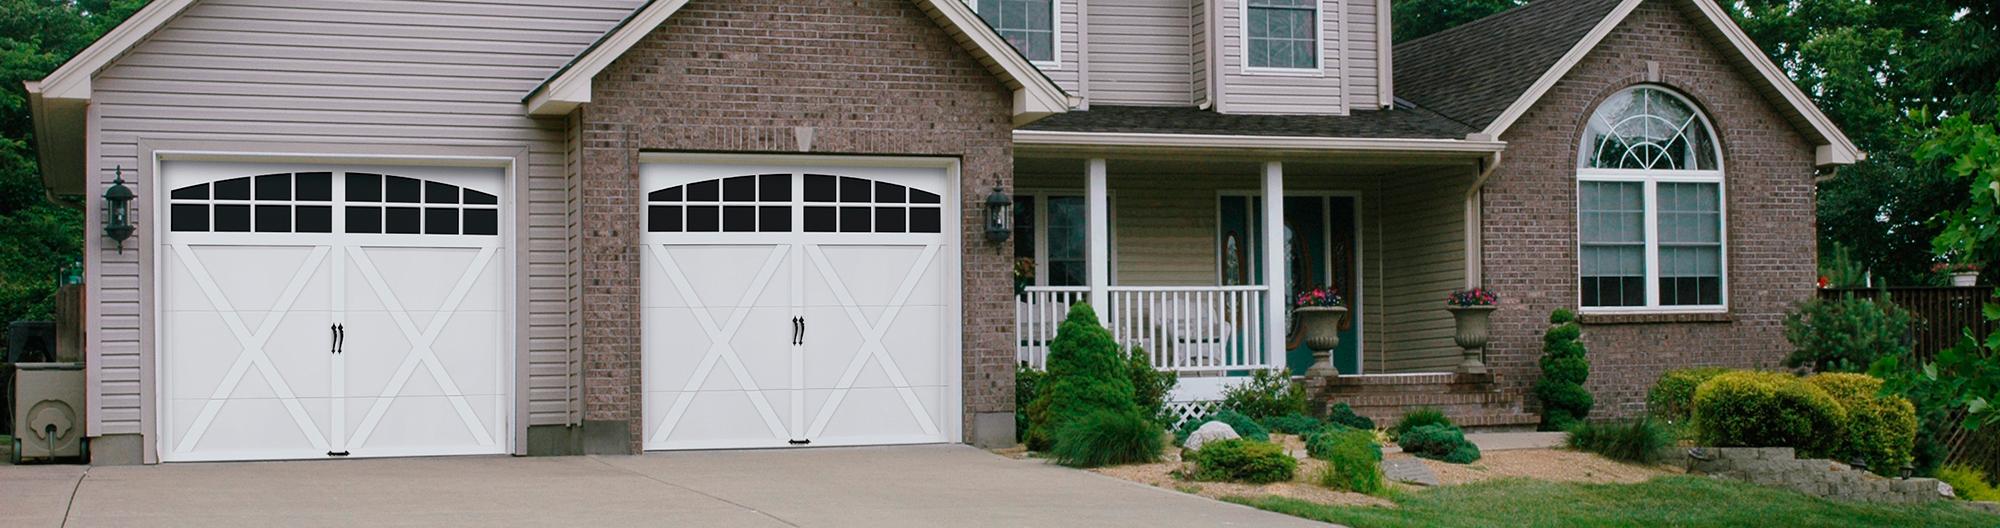 Bellevue Garage Door Service Distribudoors